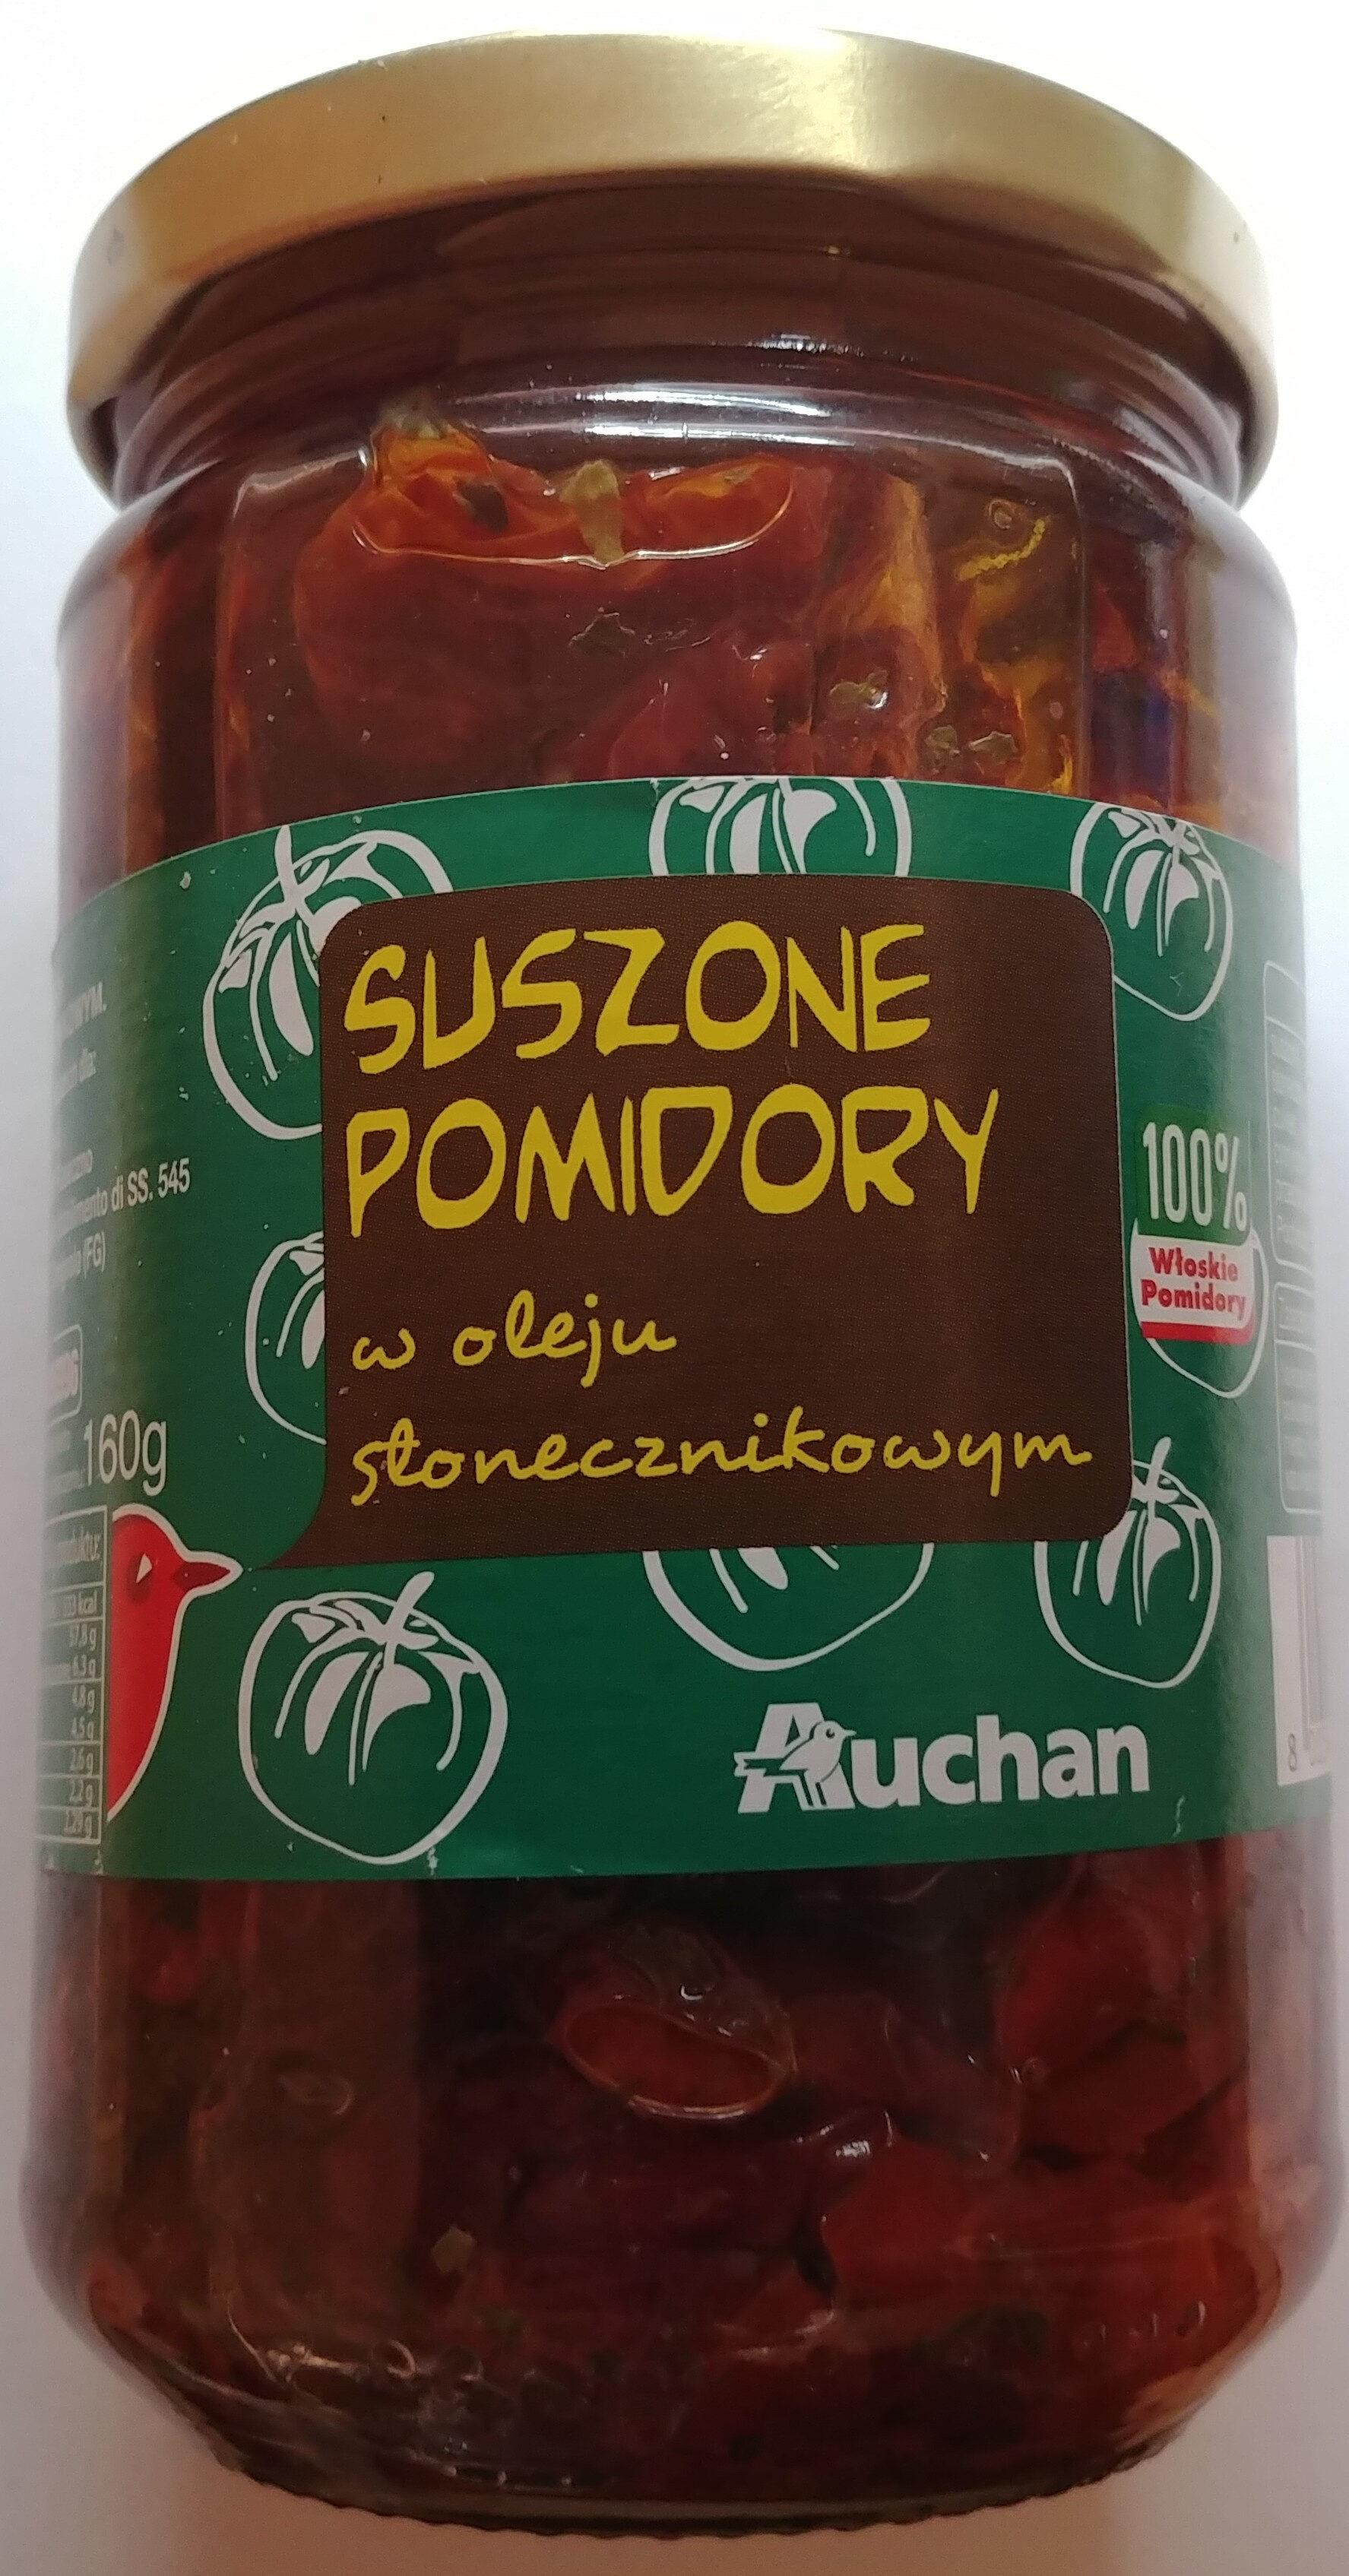 Suszone pomidory w oleju słonecznikowym. - Produkt